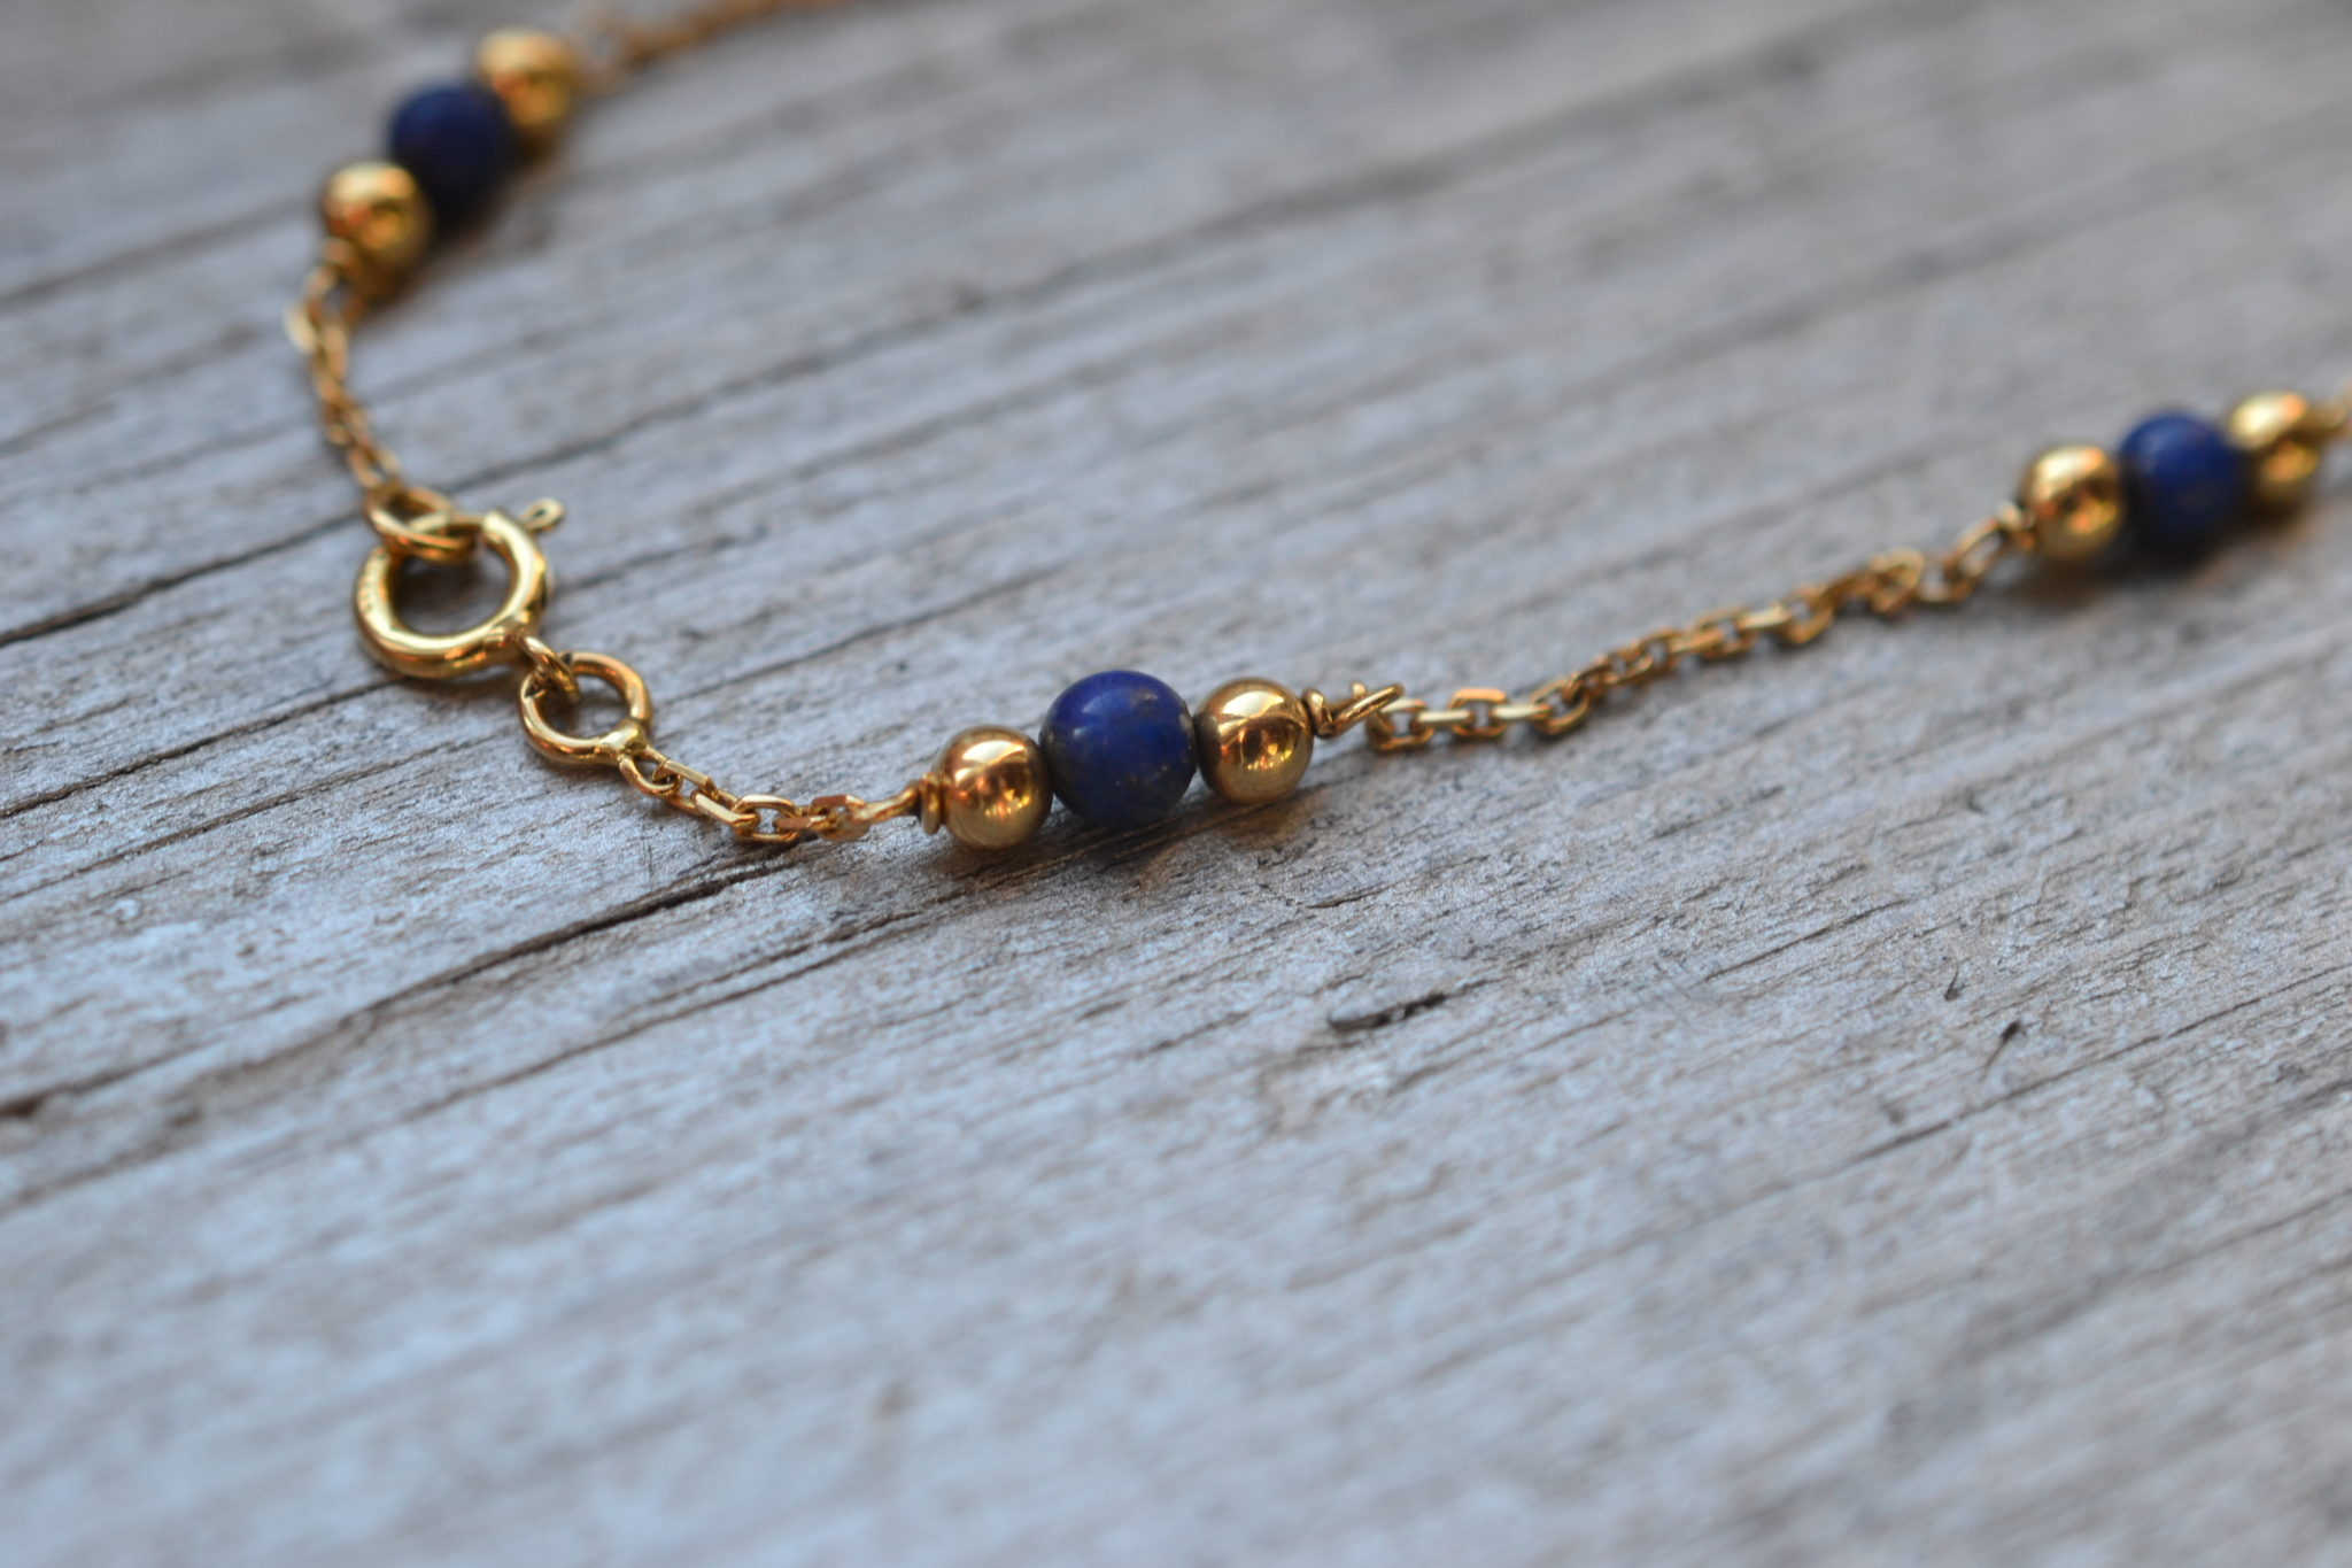 Bracelet Vintage En Or 18 Carats Avec Petites Billes Vertes , Monté Sur Une Chaine Fine- Un Bijou Noircarat.fr